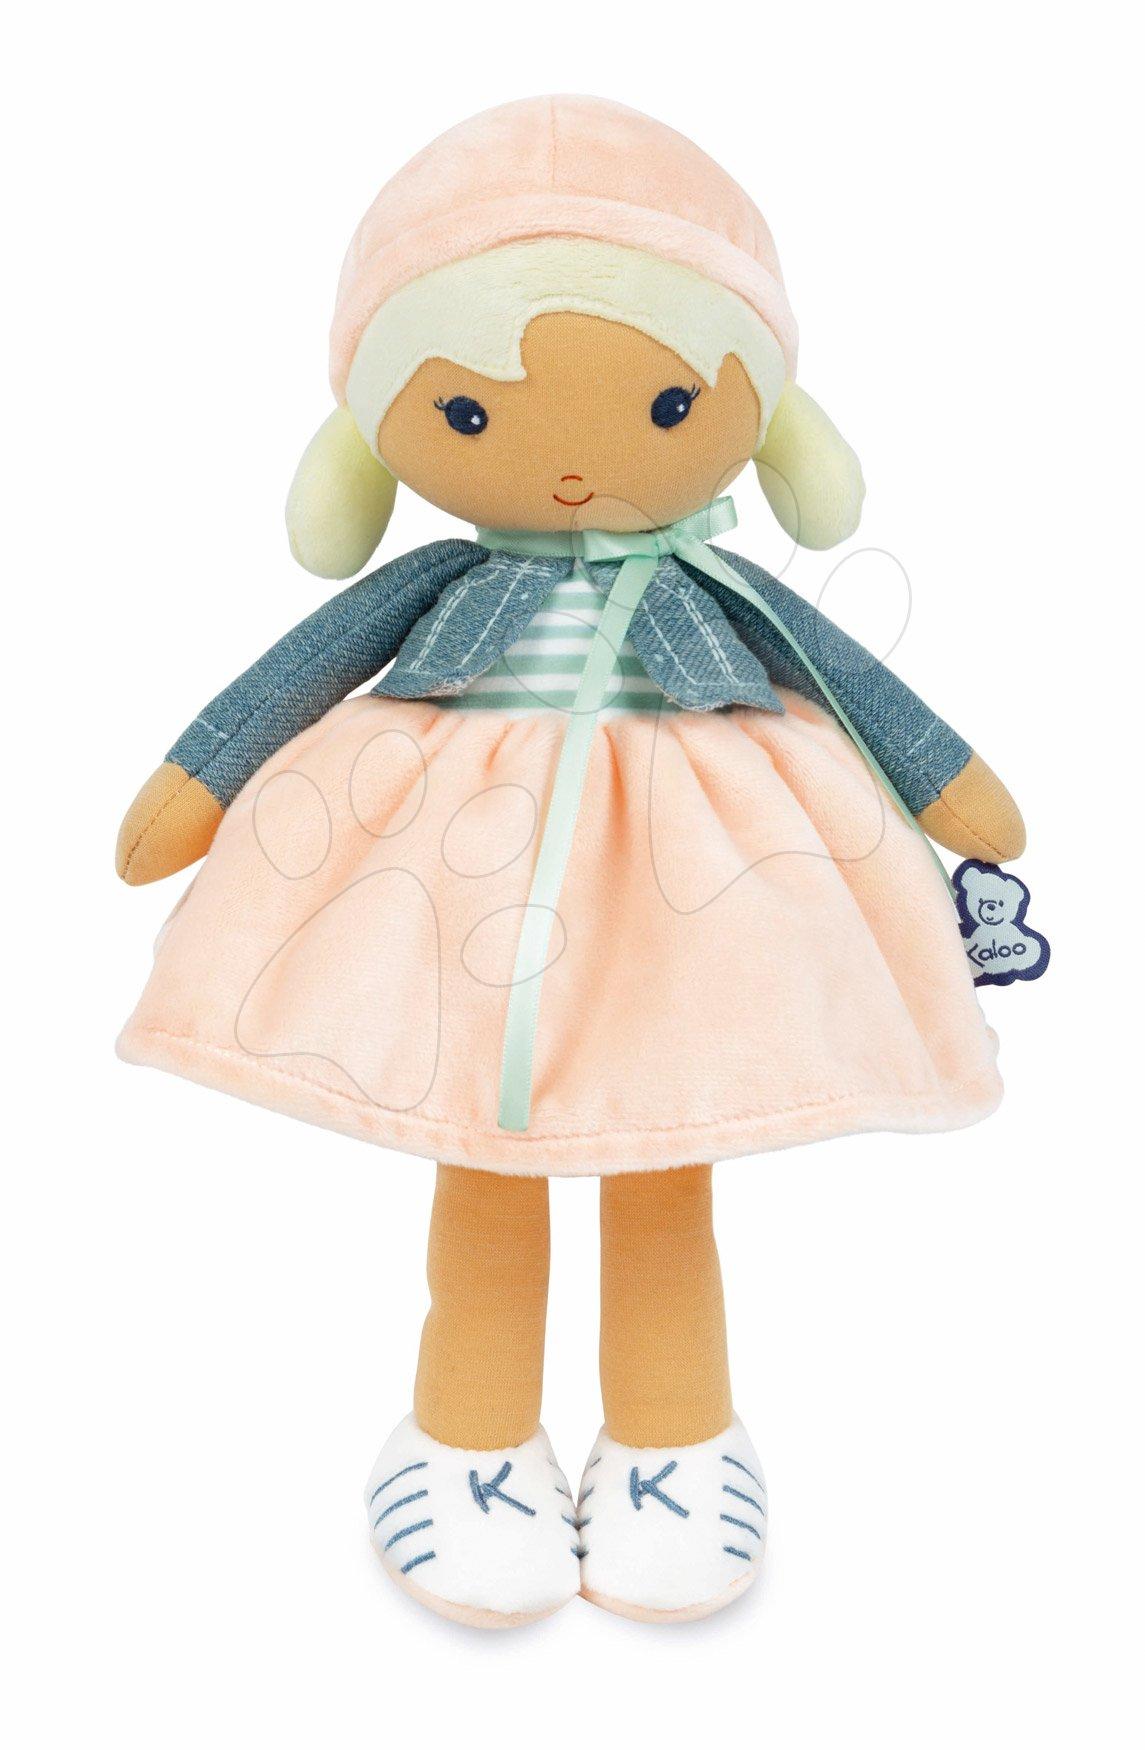 Bábika pre bábätká Chloe K Doll Tendresse Kaloo 32 cm v riflovom kabátiku z jemného textilu v darčekovom balení od 0 mes